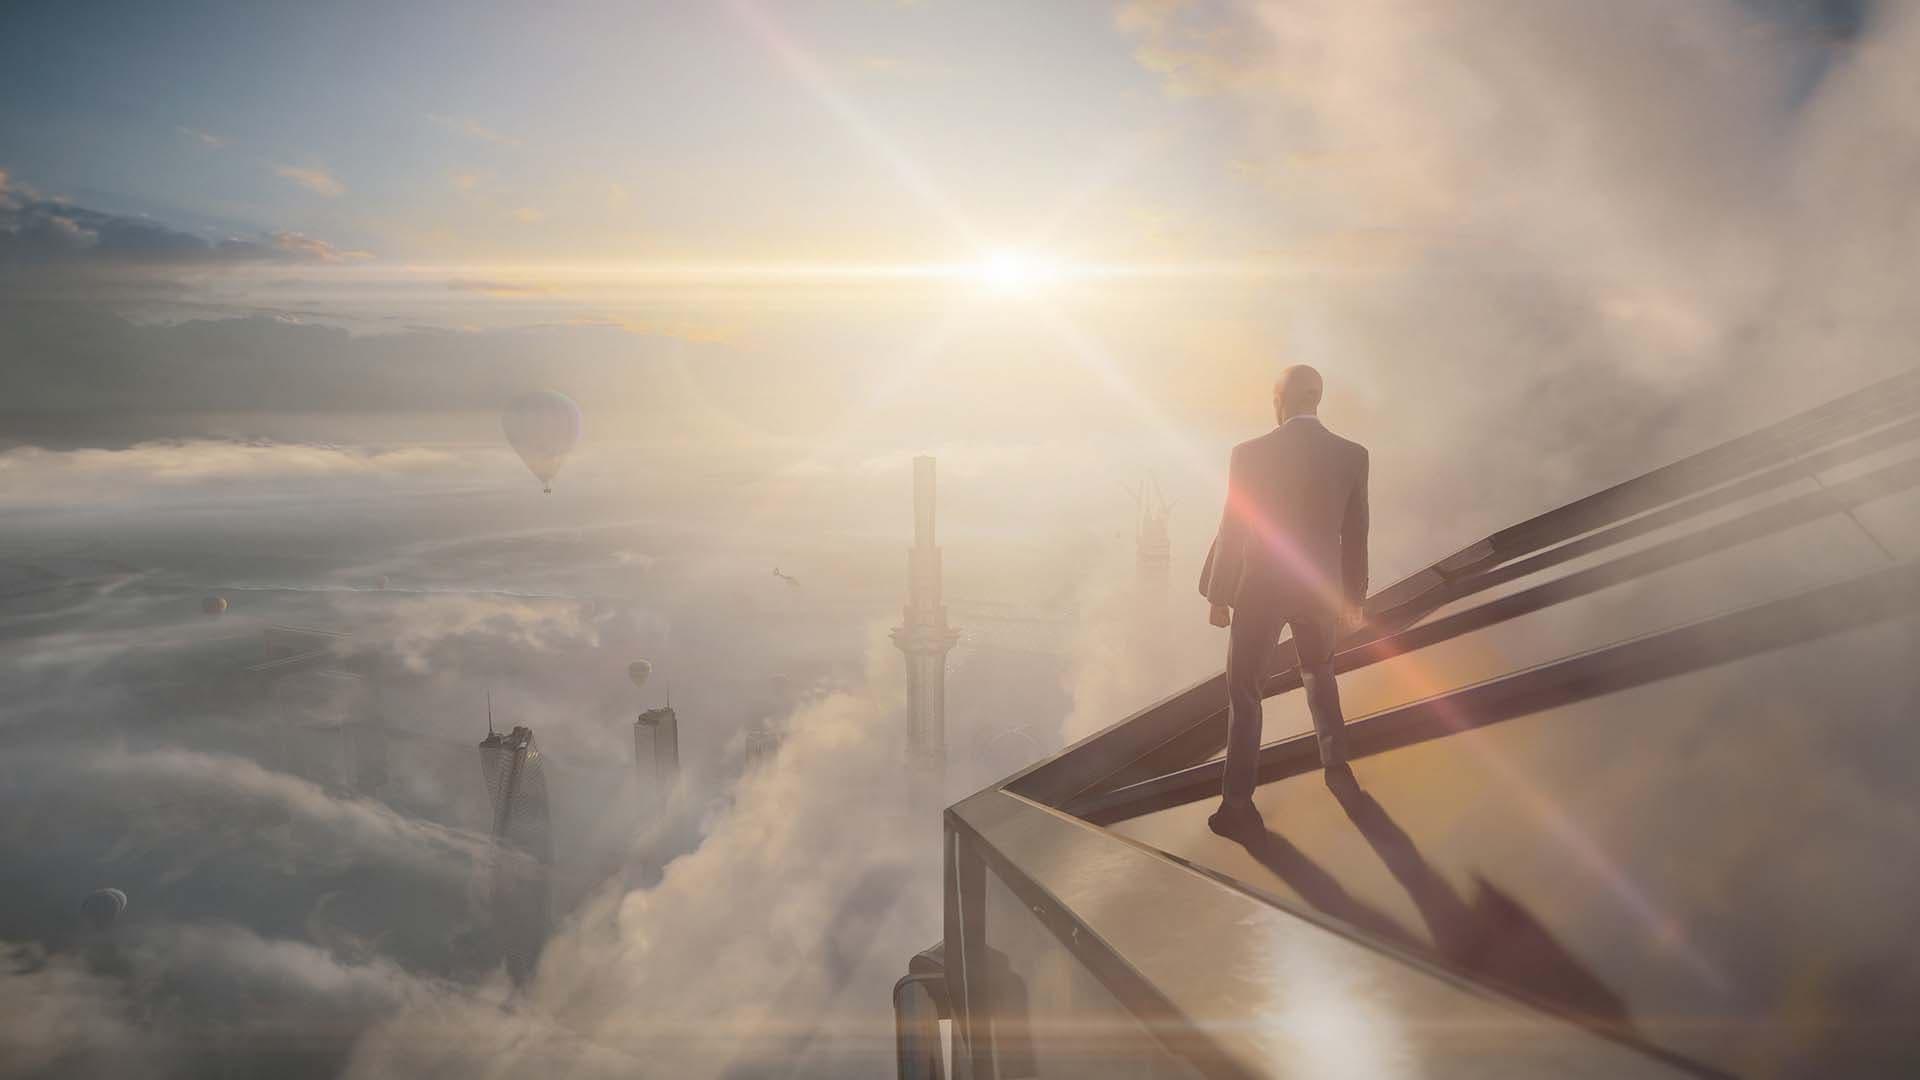 Nuevo gameplay de Hitman 3 expone los primeros minutos del juego 2